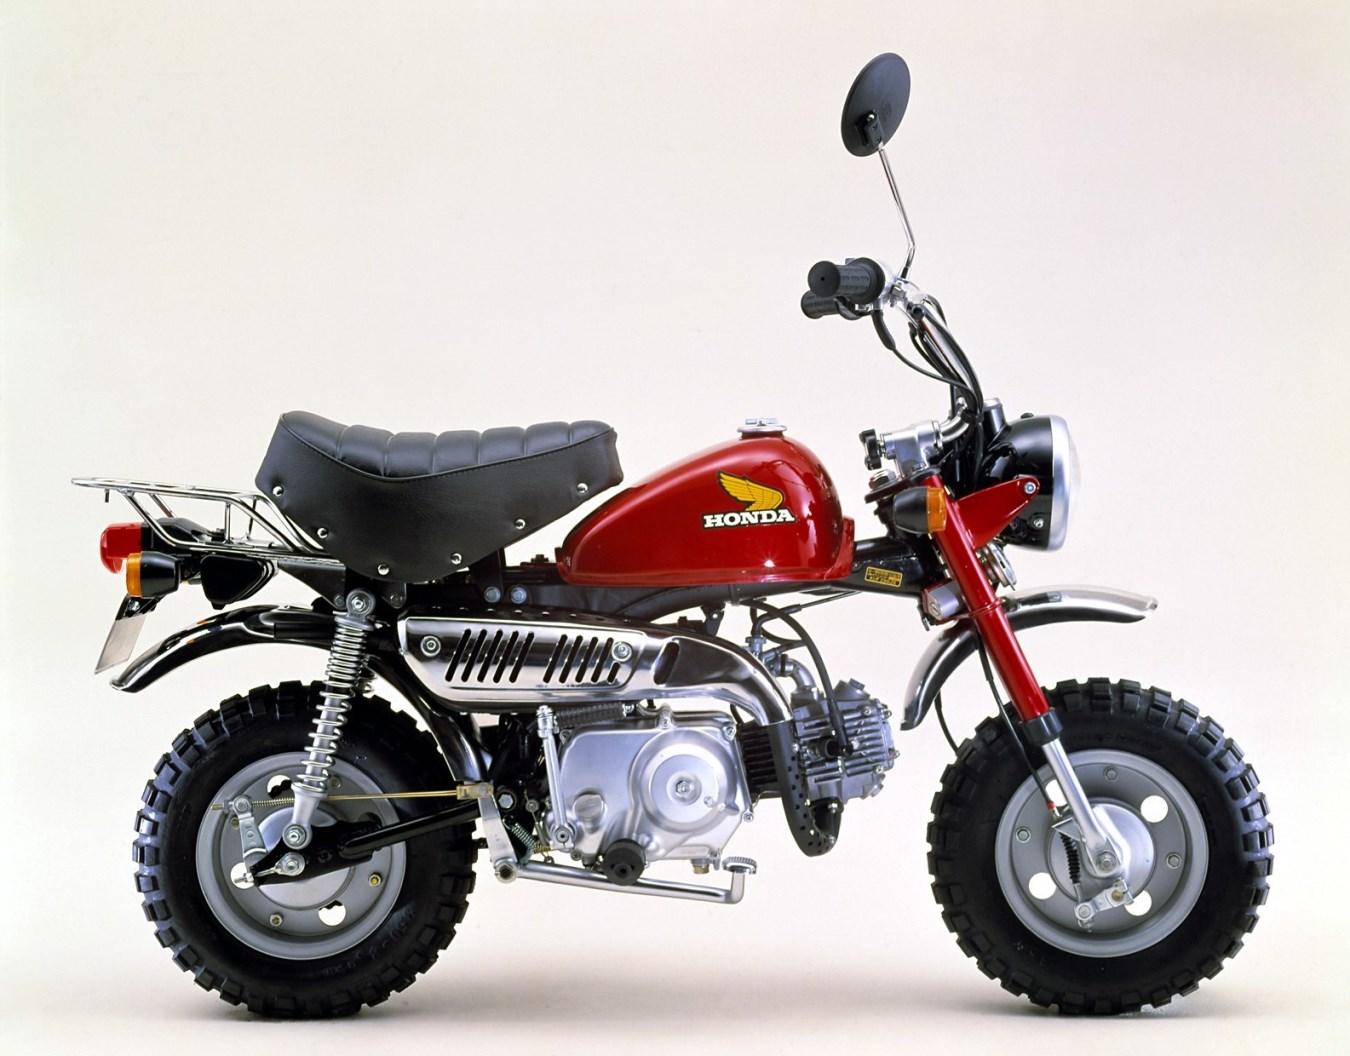 1978 - ה-Z50J-I, המונקי הראשון בתצורת קסטום